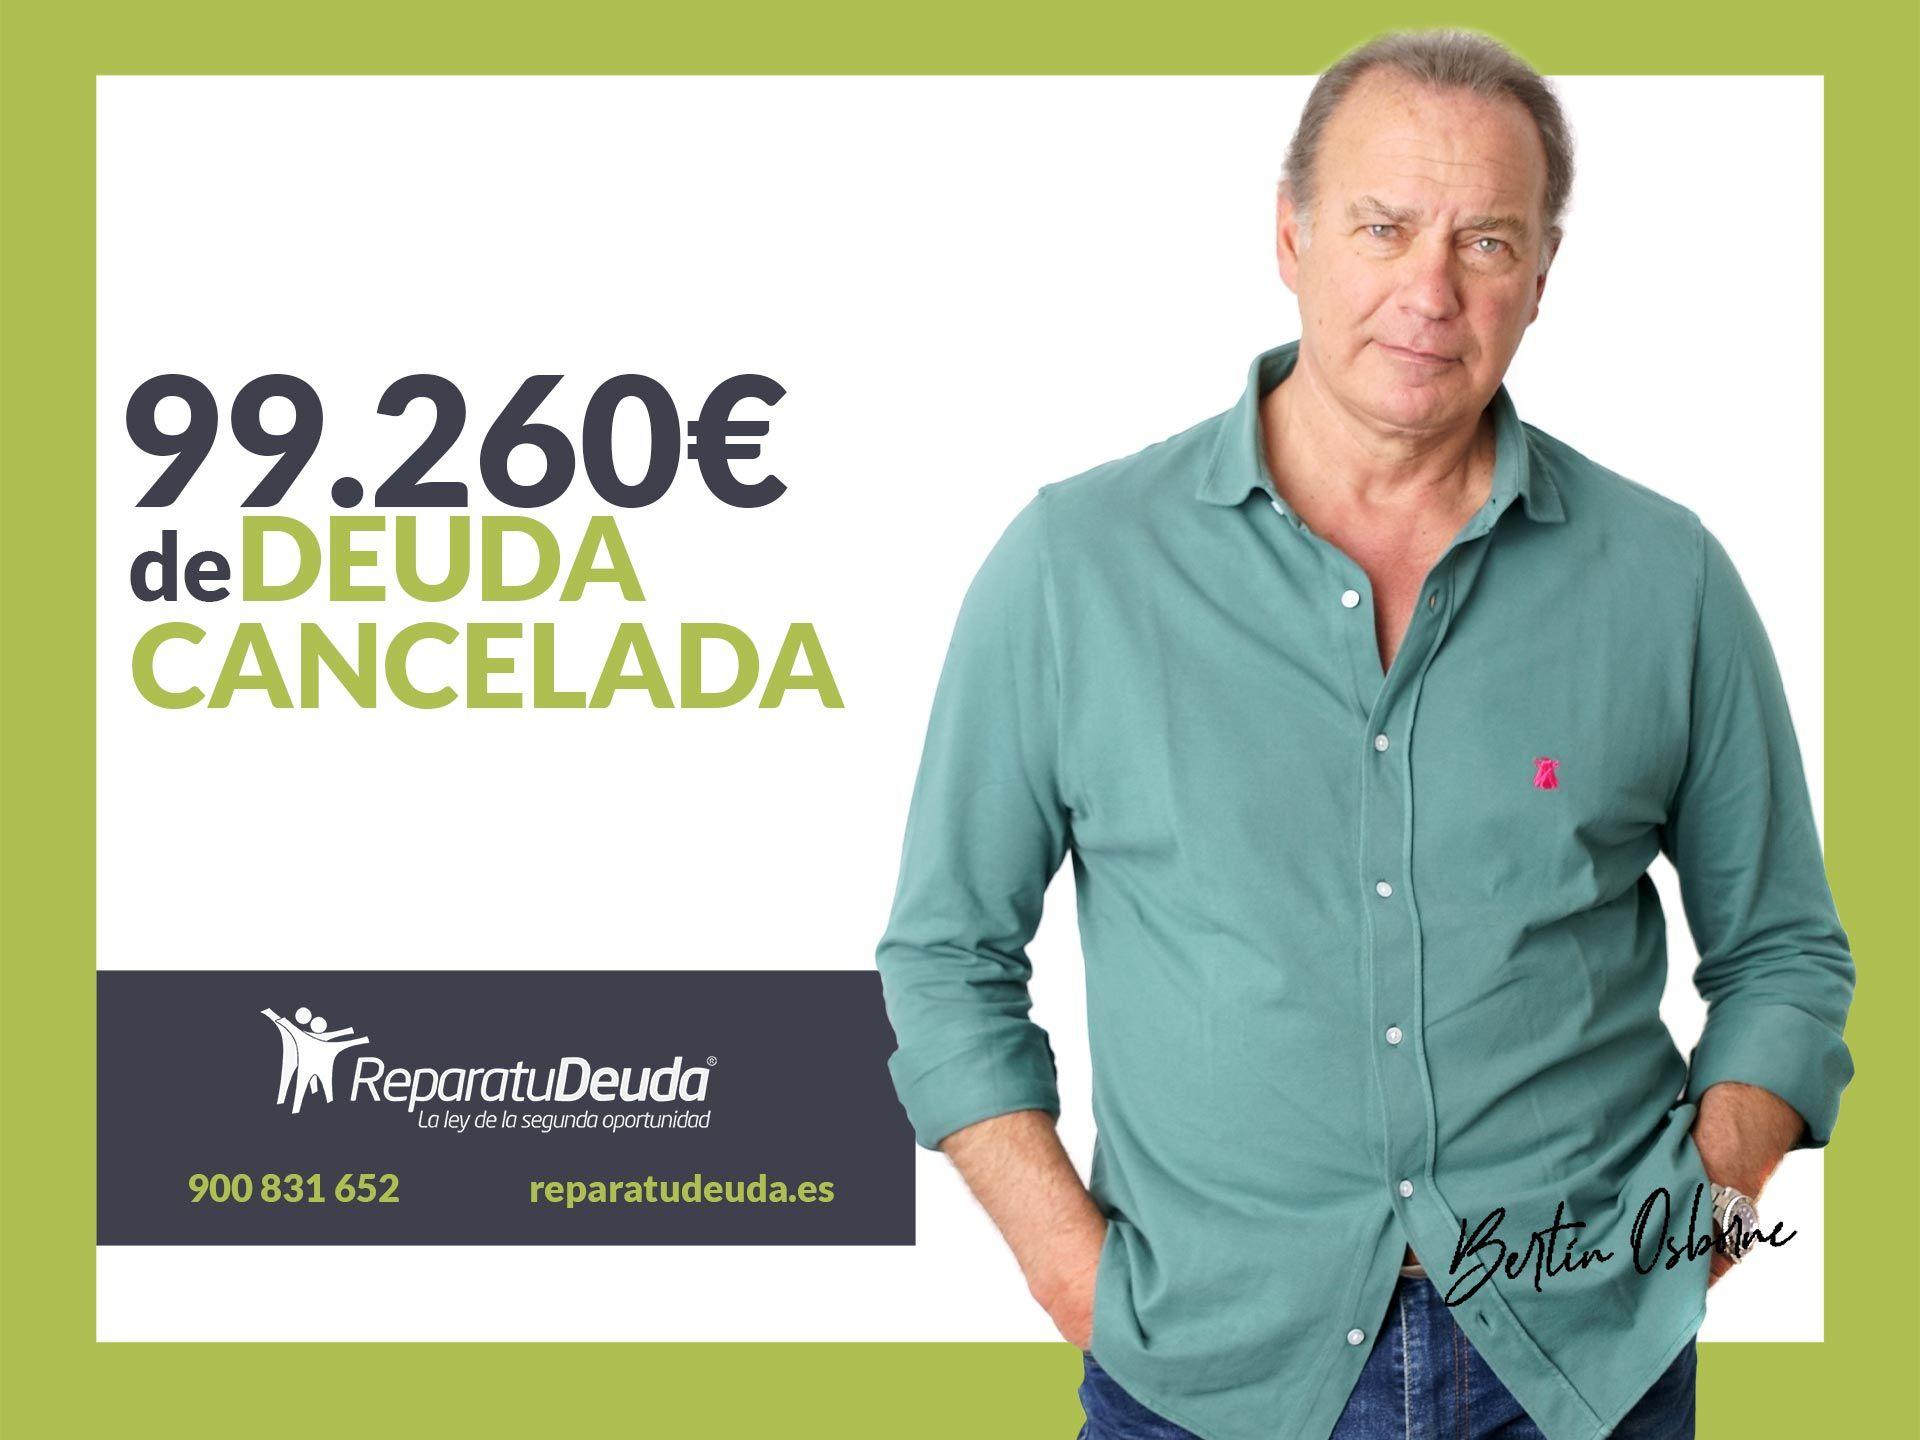 Repara tu Deuda Abogados cancela 99.260 € en Madrid con la Ley de la Segunda Oportunidad